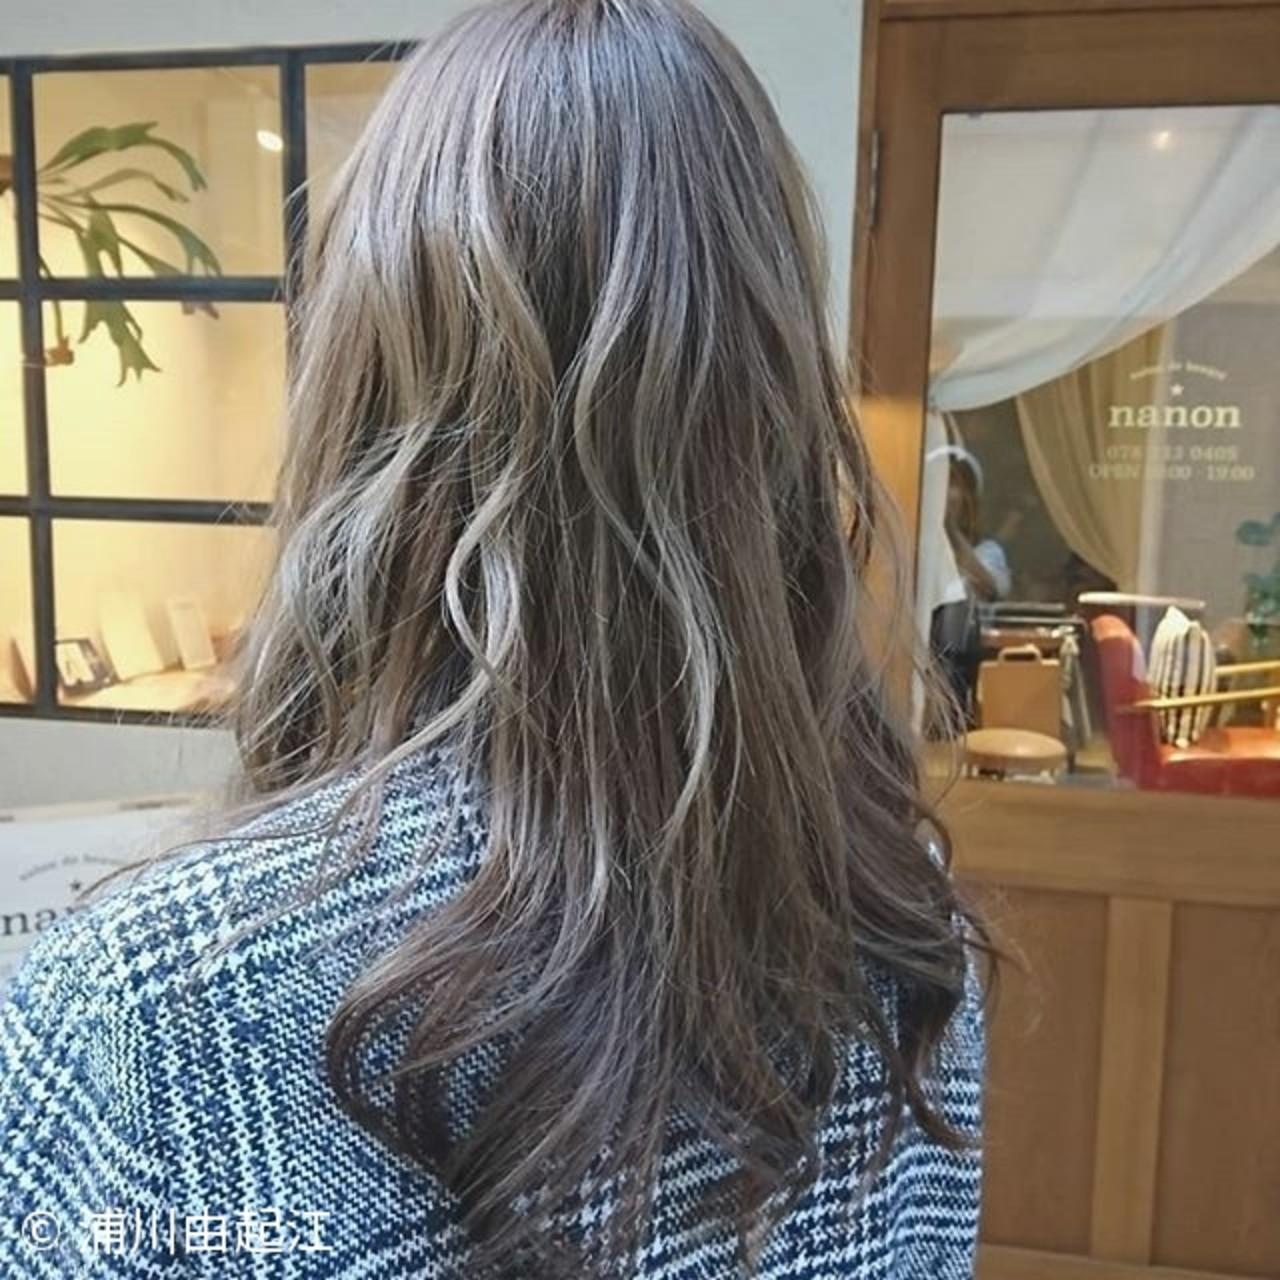 アンニュイほつれヘア ロング ゆるふわ デート ヘアスタイルや髪型の写真・画像